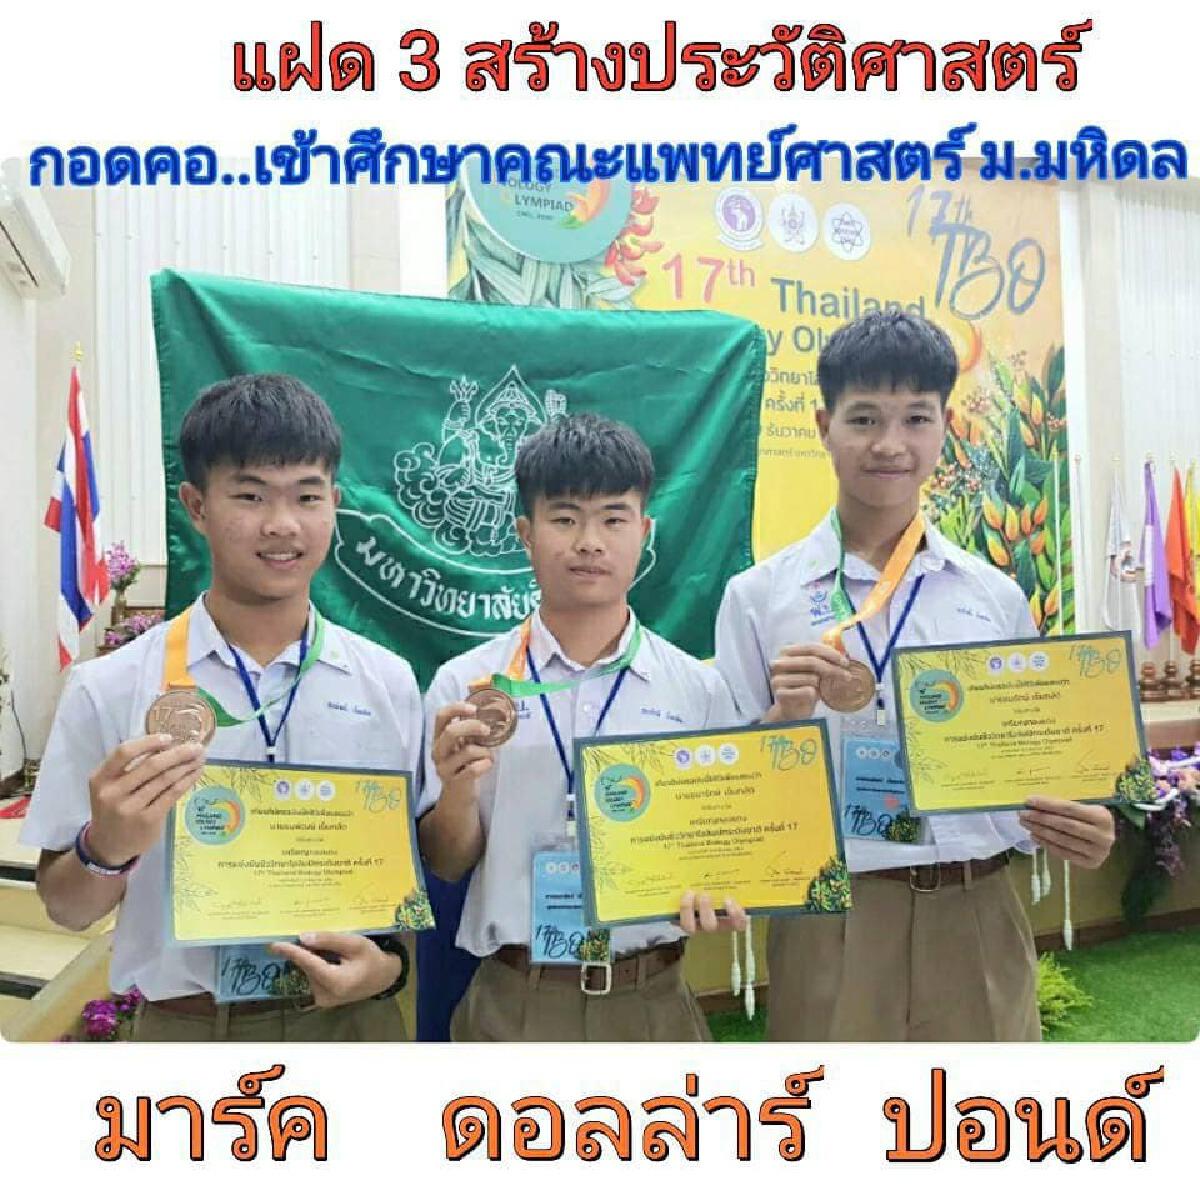 นักเรียนแฝด 3 สอบติดคณะแพทย์ฯ